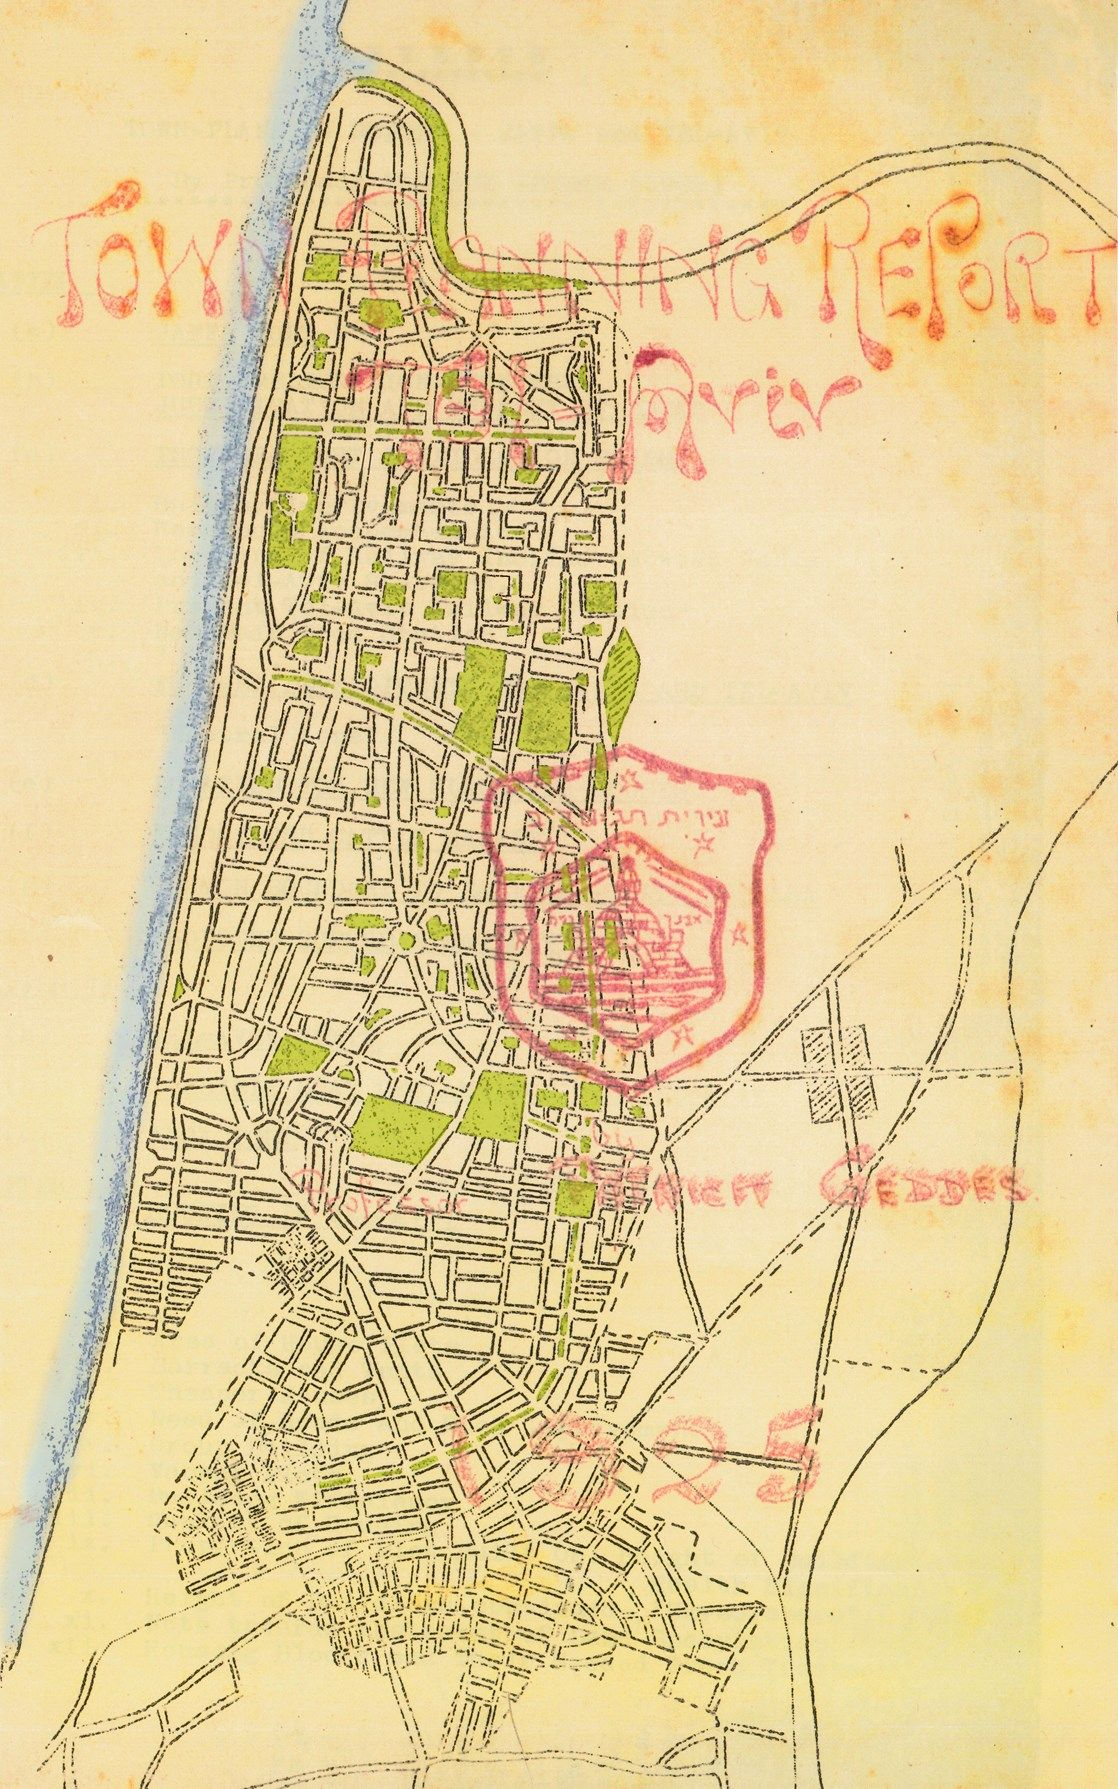 Mappa tratta dalla copertina del documento originale del Prof.Geddes  The Geddes Report Map, 1925